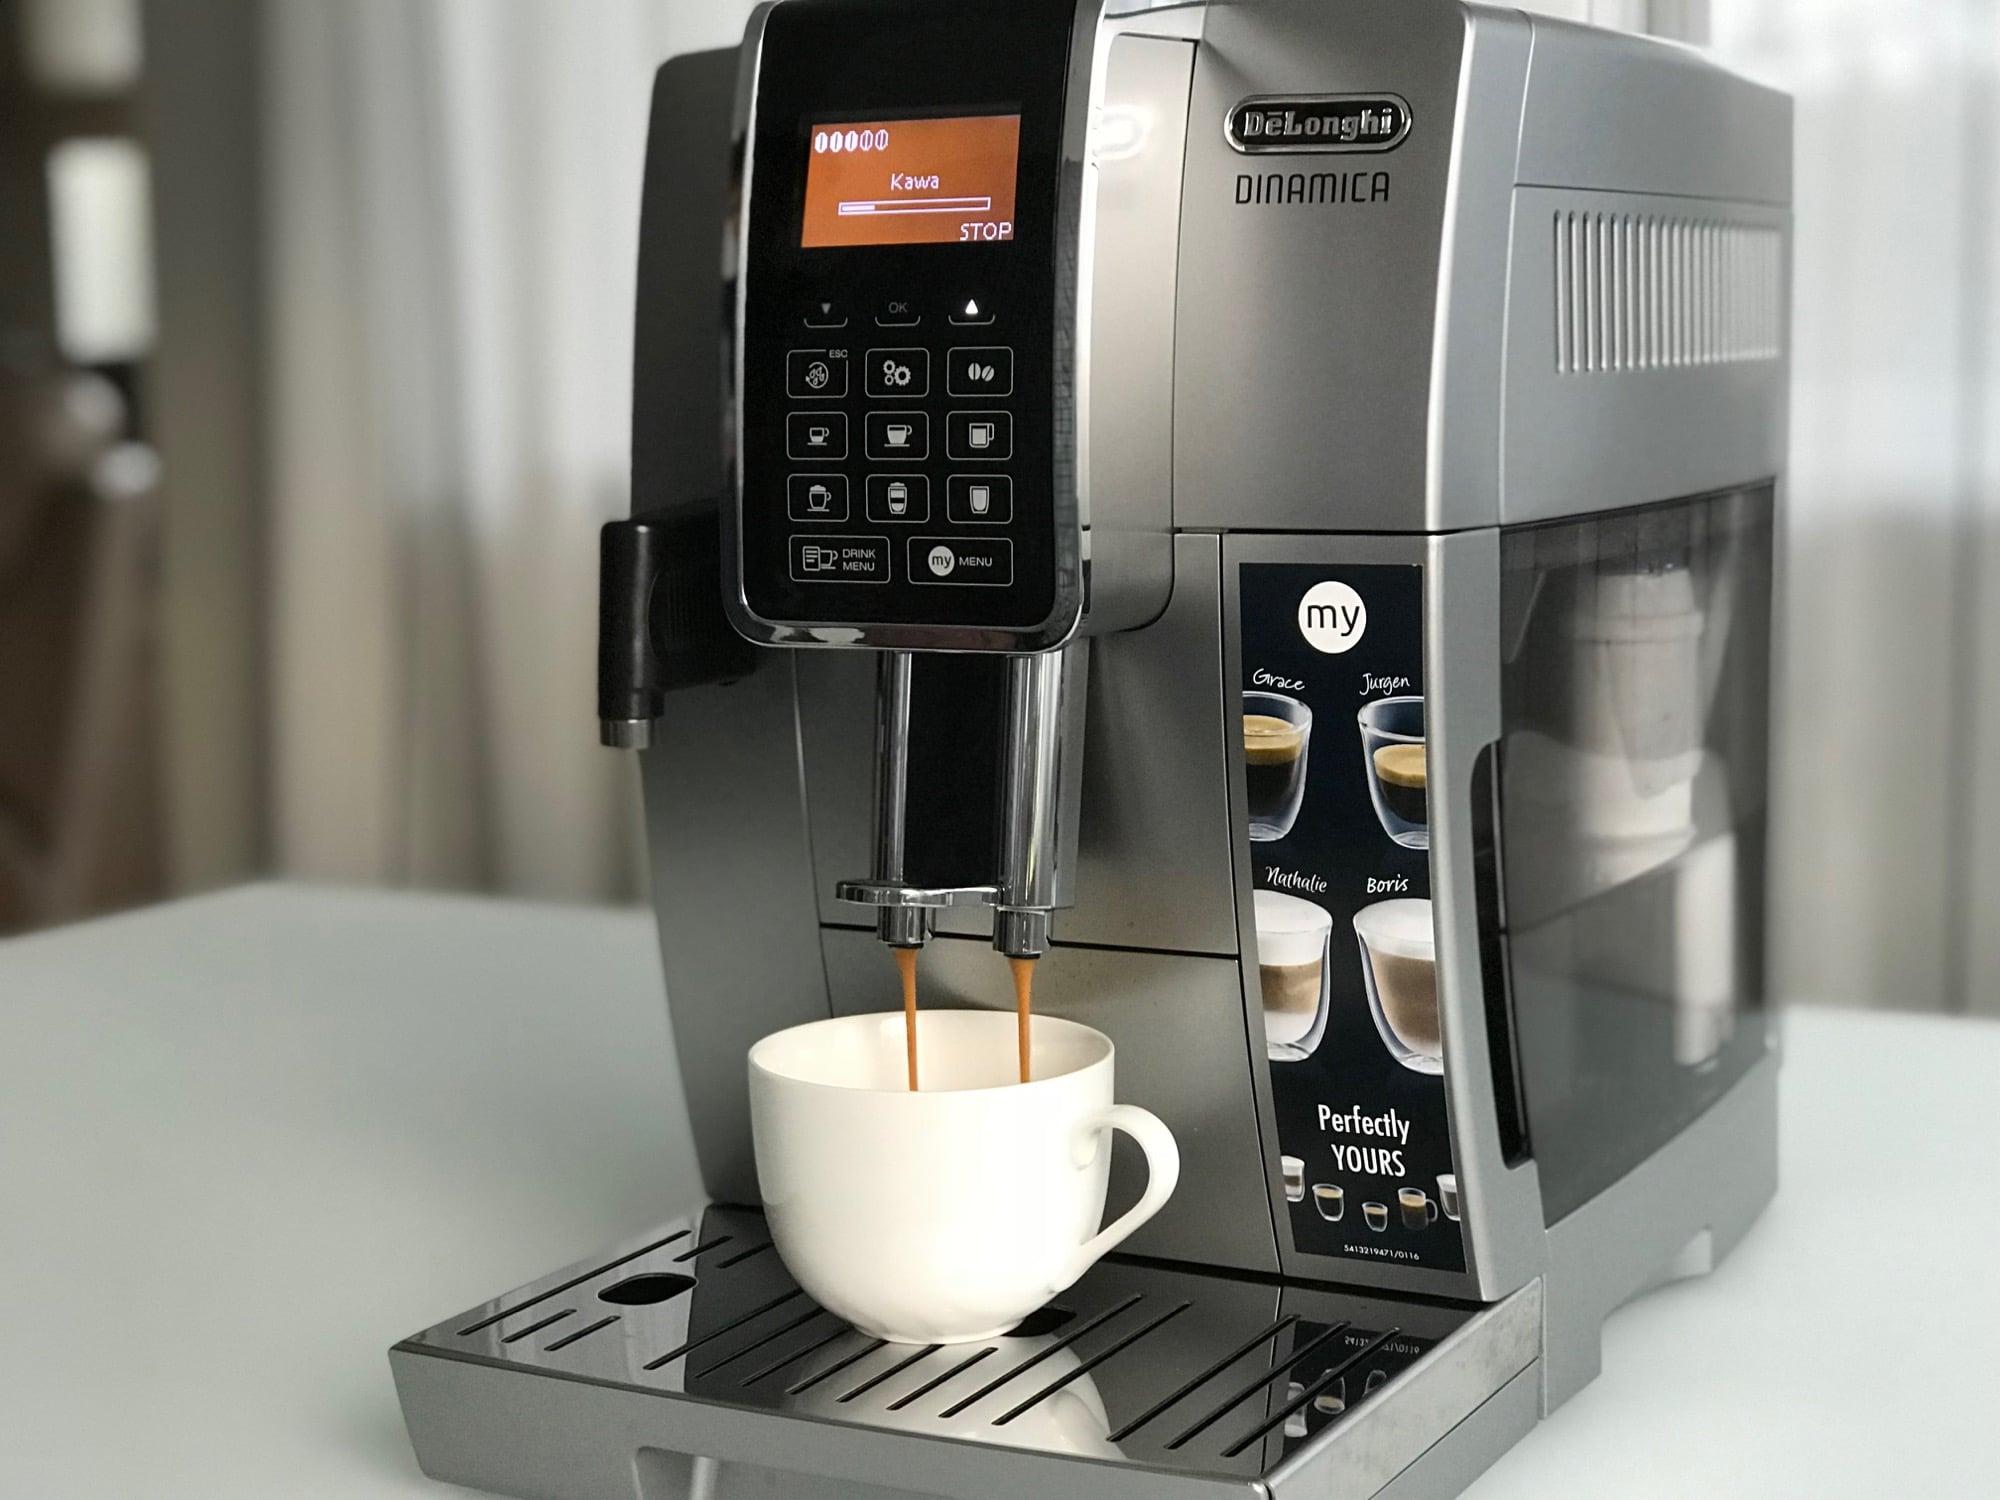 Jaki ekspres wybrać? Test ekspresów do kawy De'Longhi | iMagazine